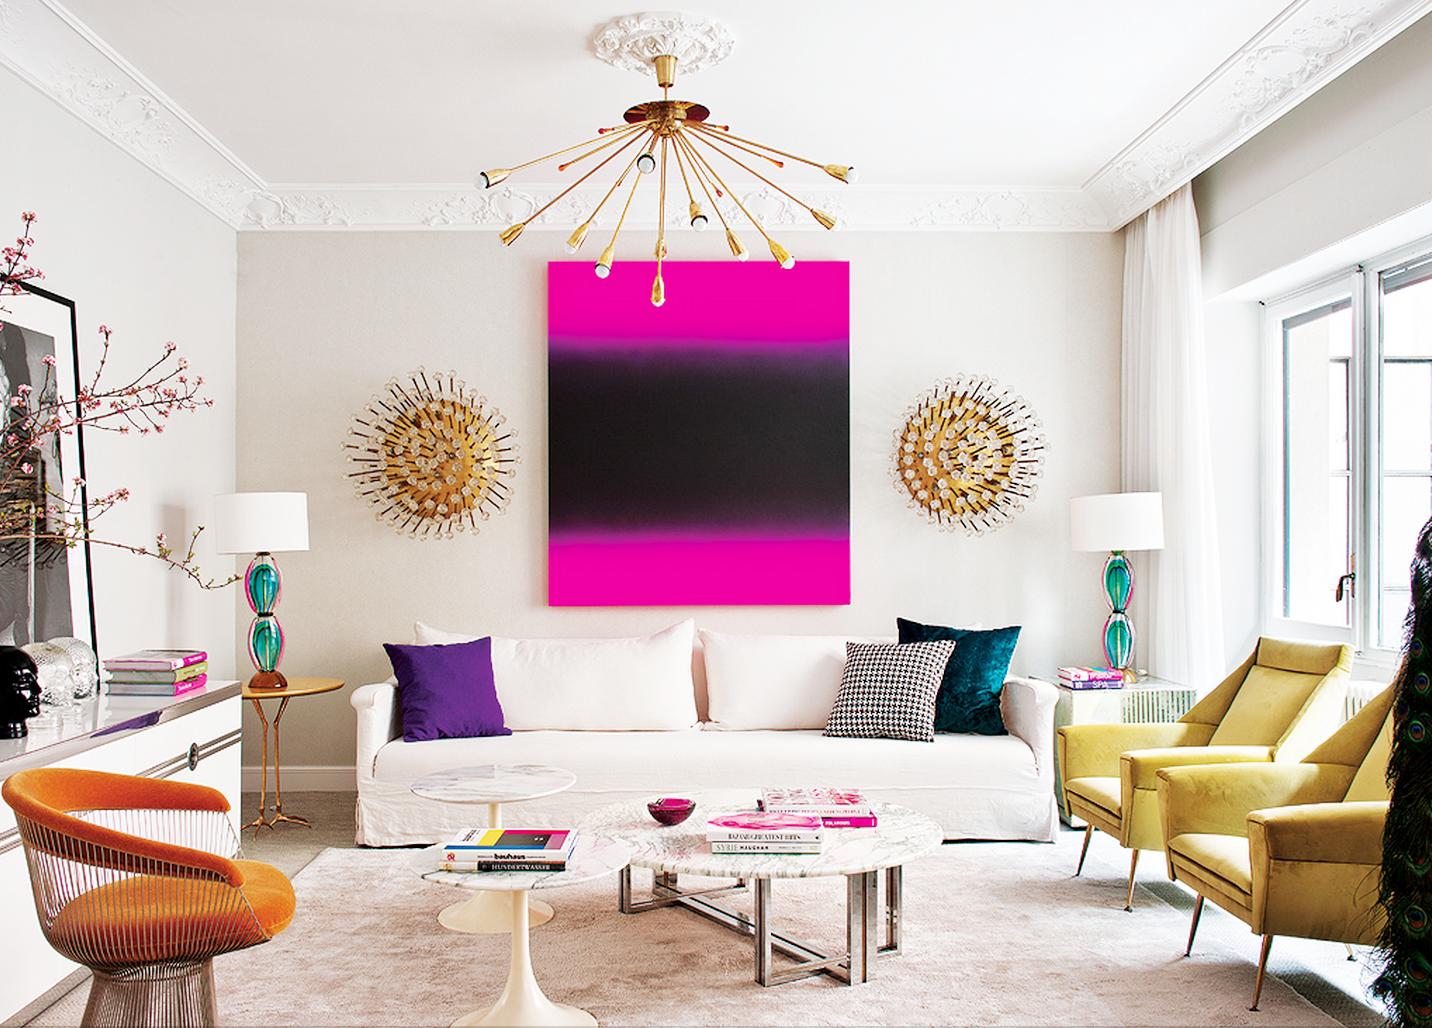 Дизайн интерьера помещения в стиле эклектика